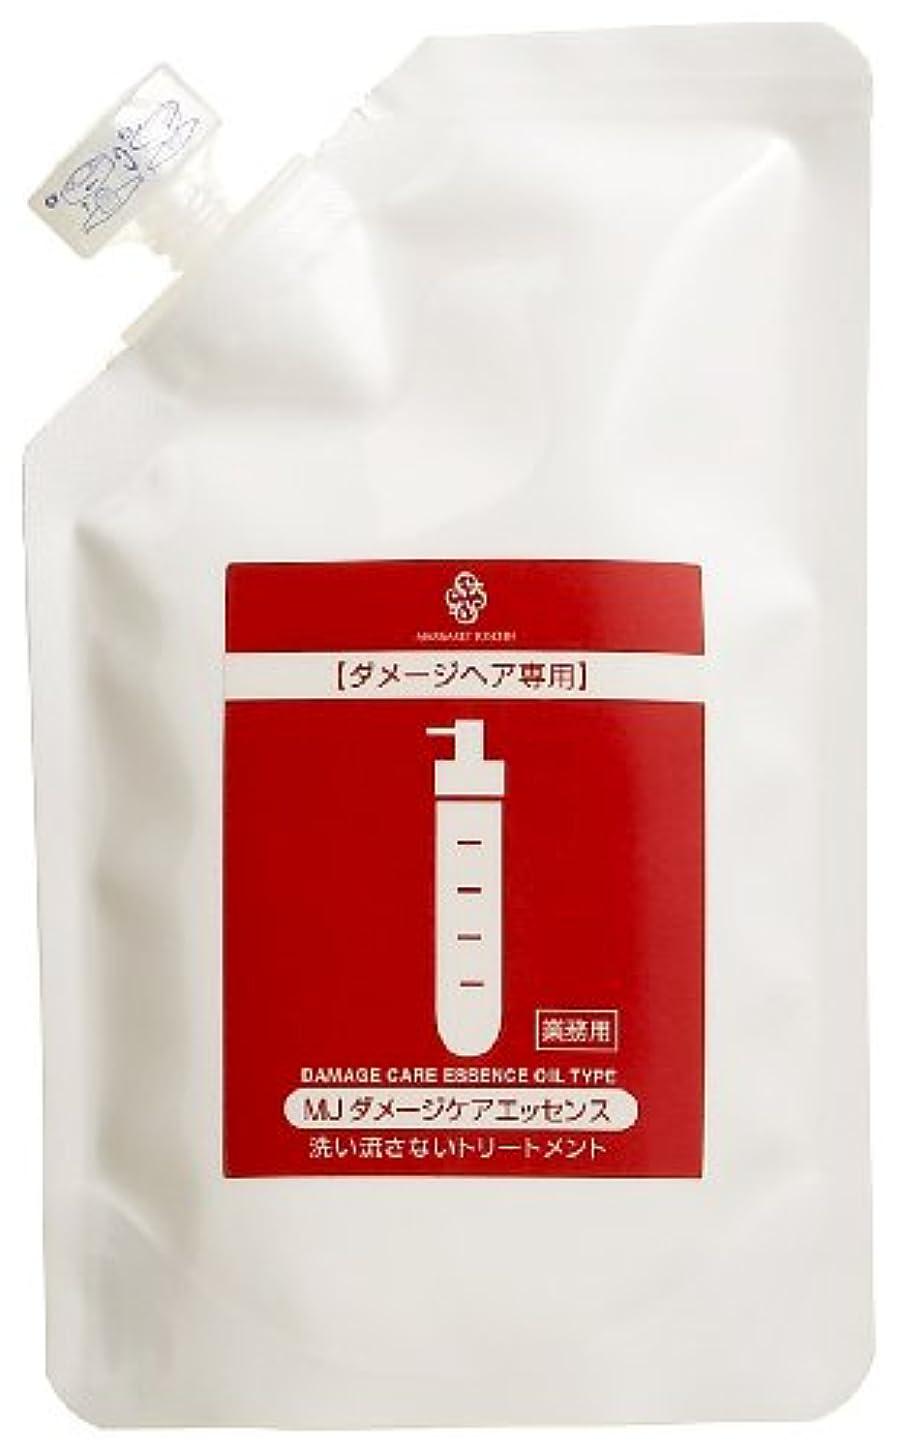 レオナルドダインスタンス入浴MJダメージケアエッセンス 詰め替え用 120ml